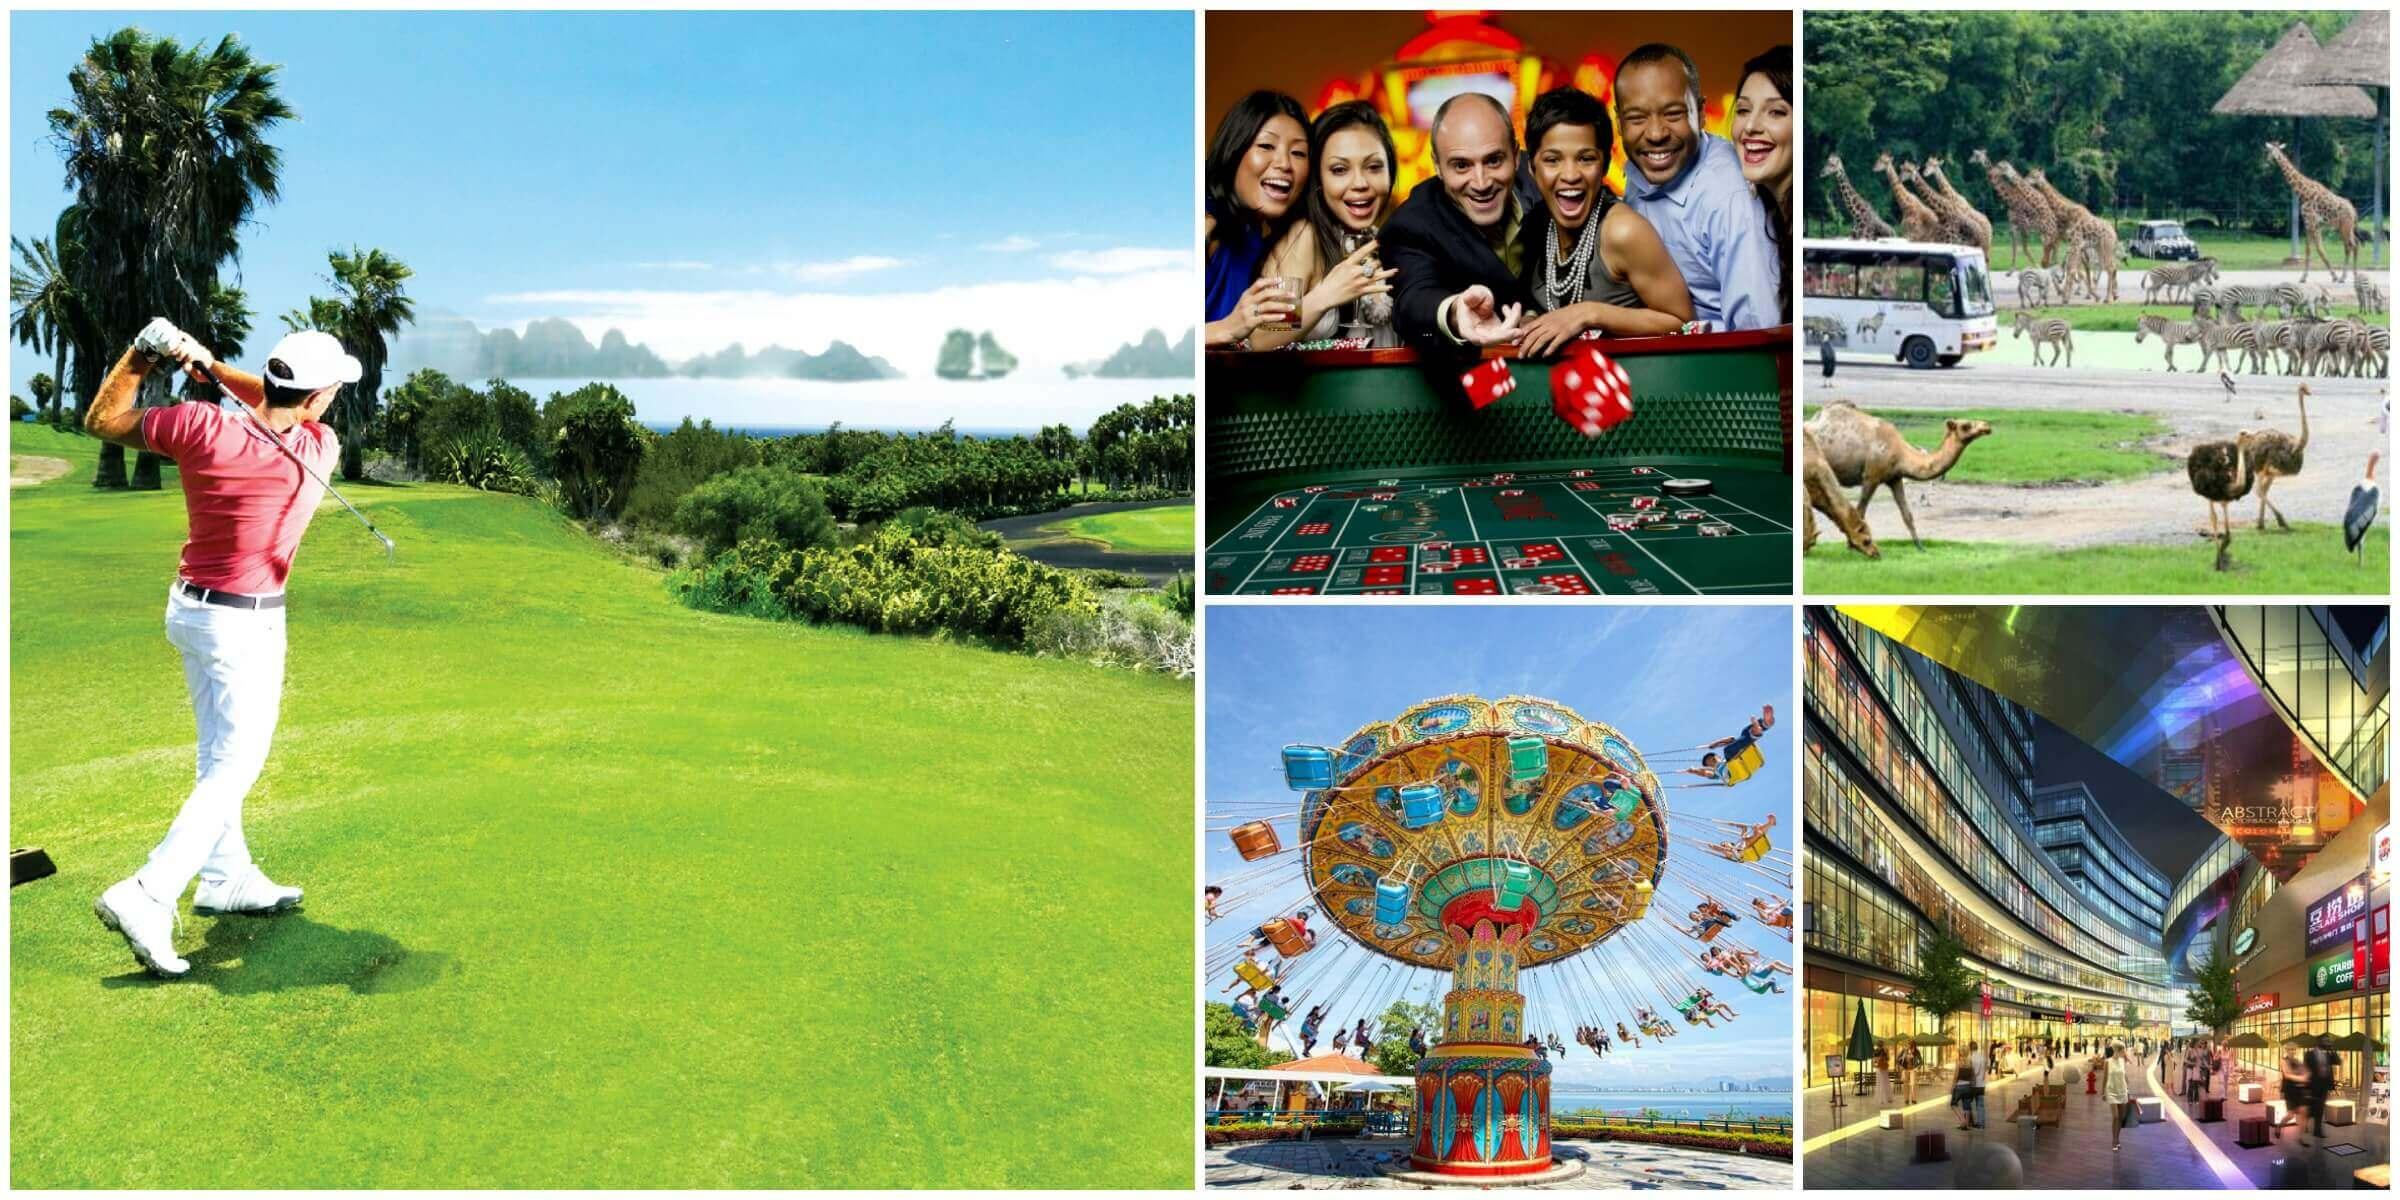 Movenpick Resort Waverly Phú Quốc - Tiện Ích Dự Án